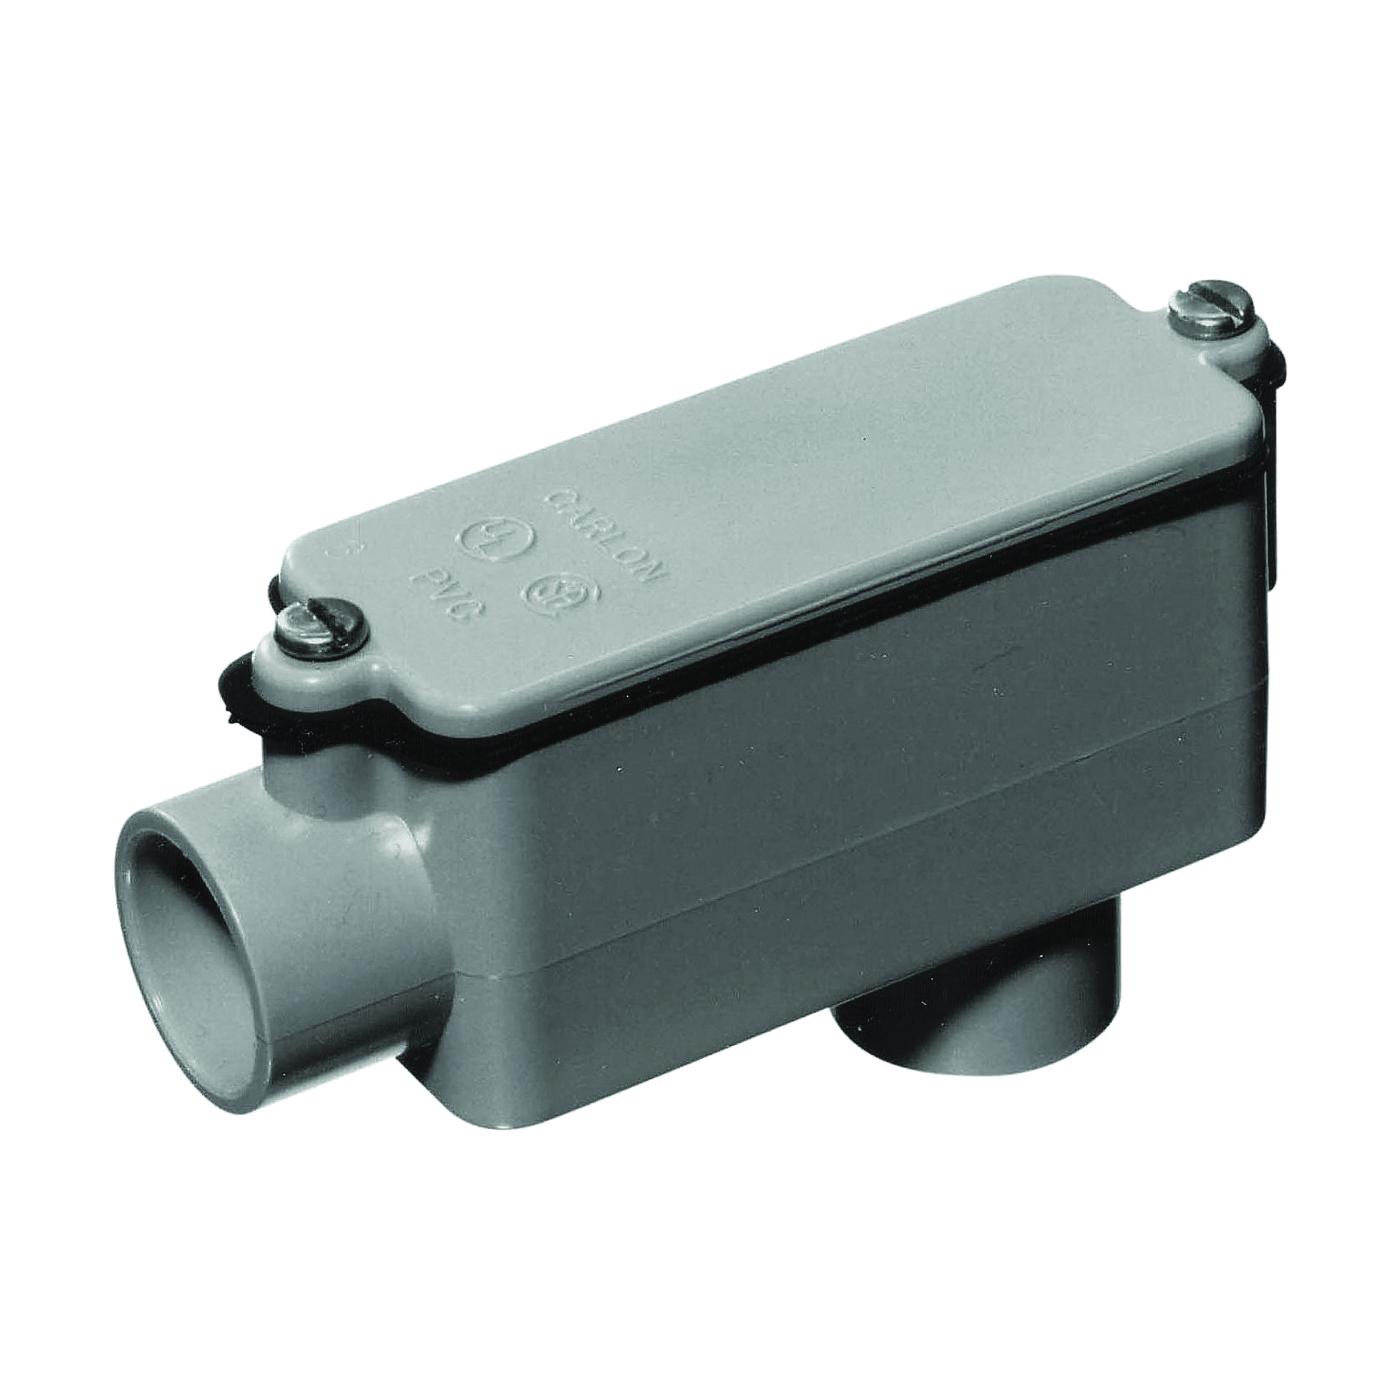 Picture of Carlon E986GR Conduit Body, PVC, Gray